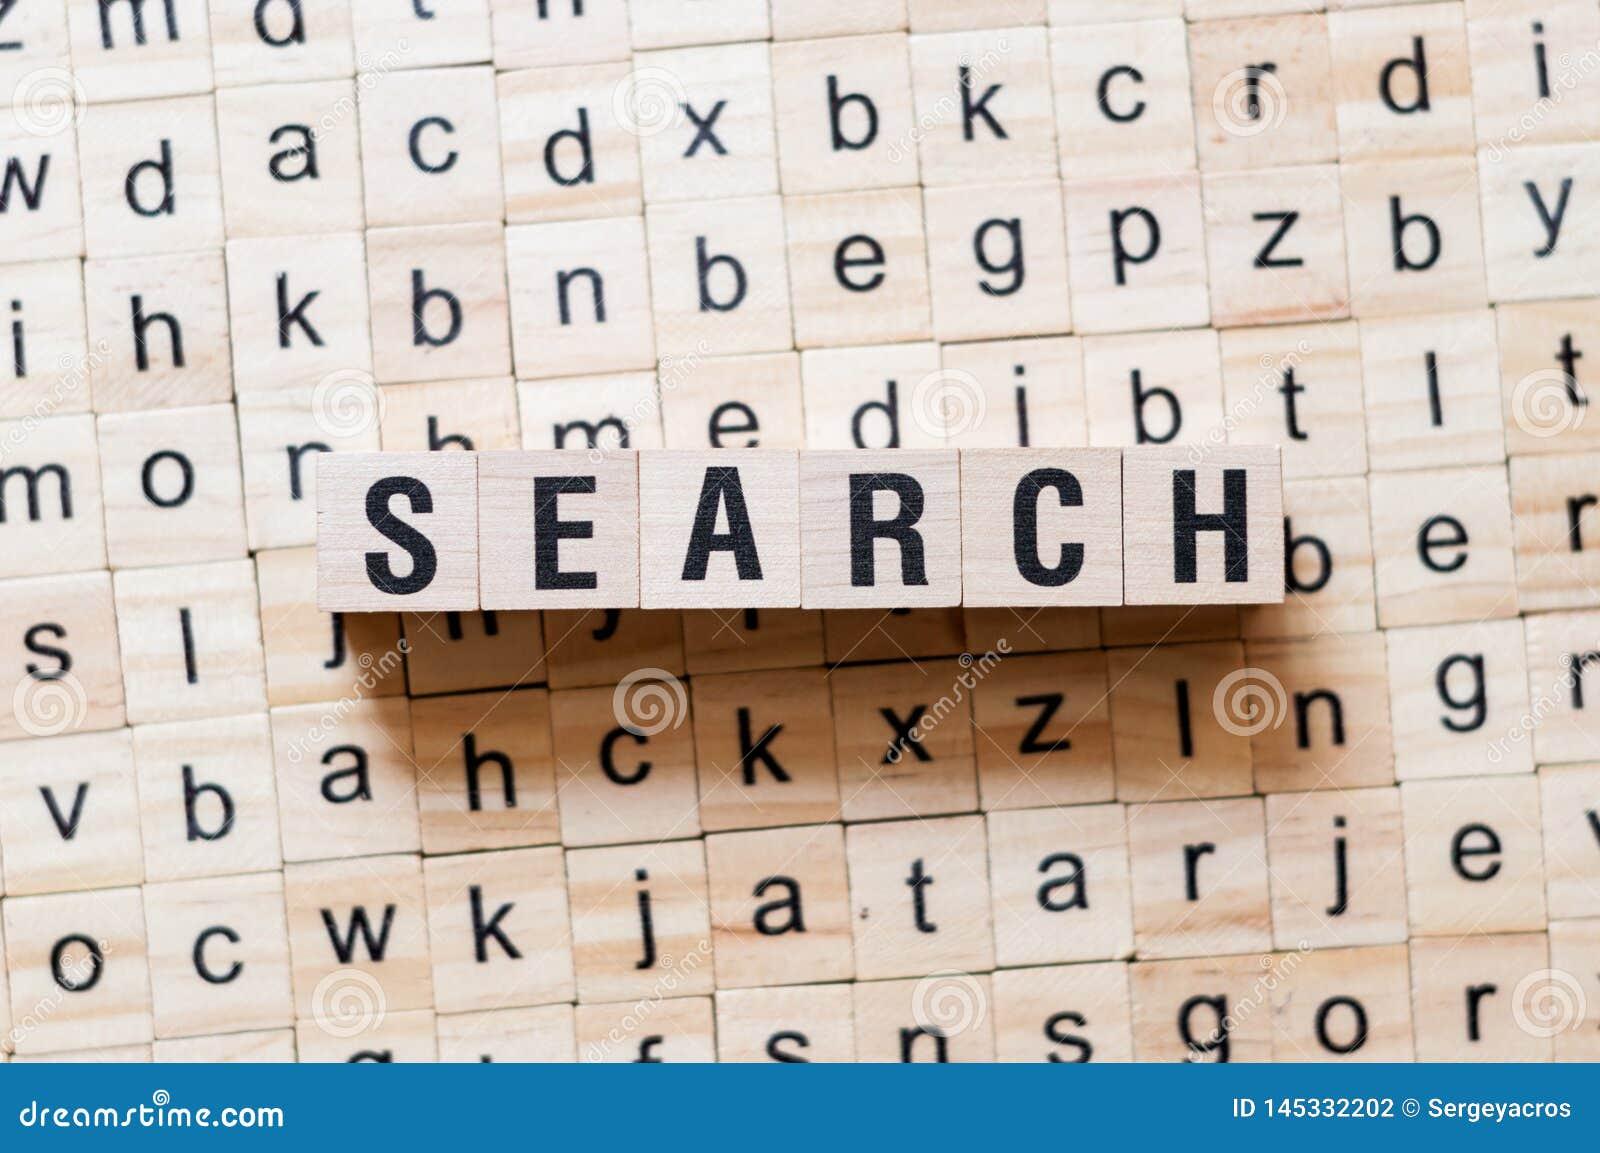 Concepto de la palabra de búsqueda